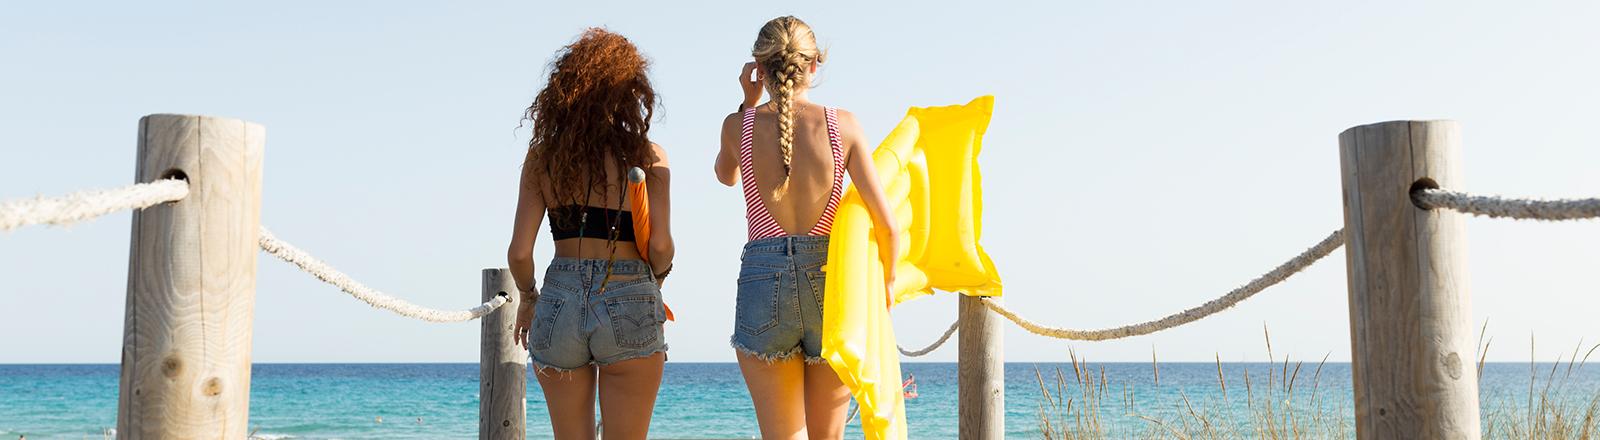 Zwei Frauen gehen zum Strand